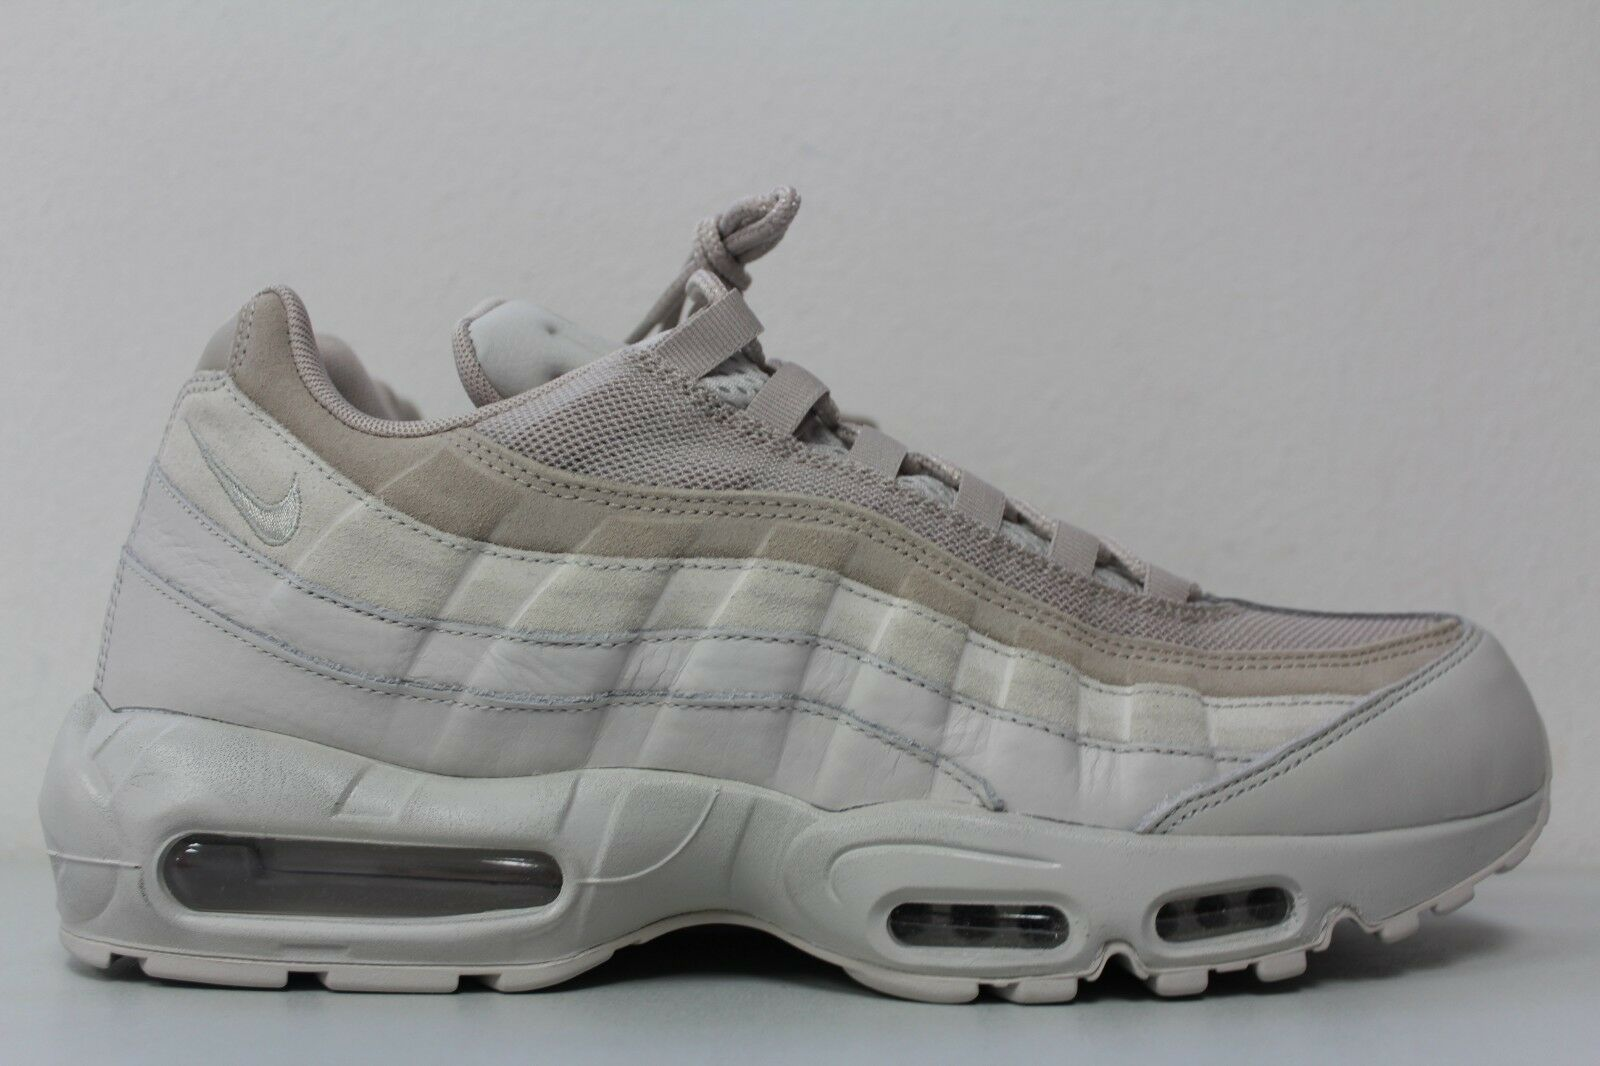 Nike air 95 ridotta dimensione 13 uomini luce ossa filo kaki premio tonale 538416 011